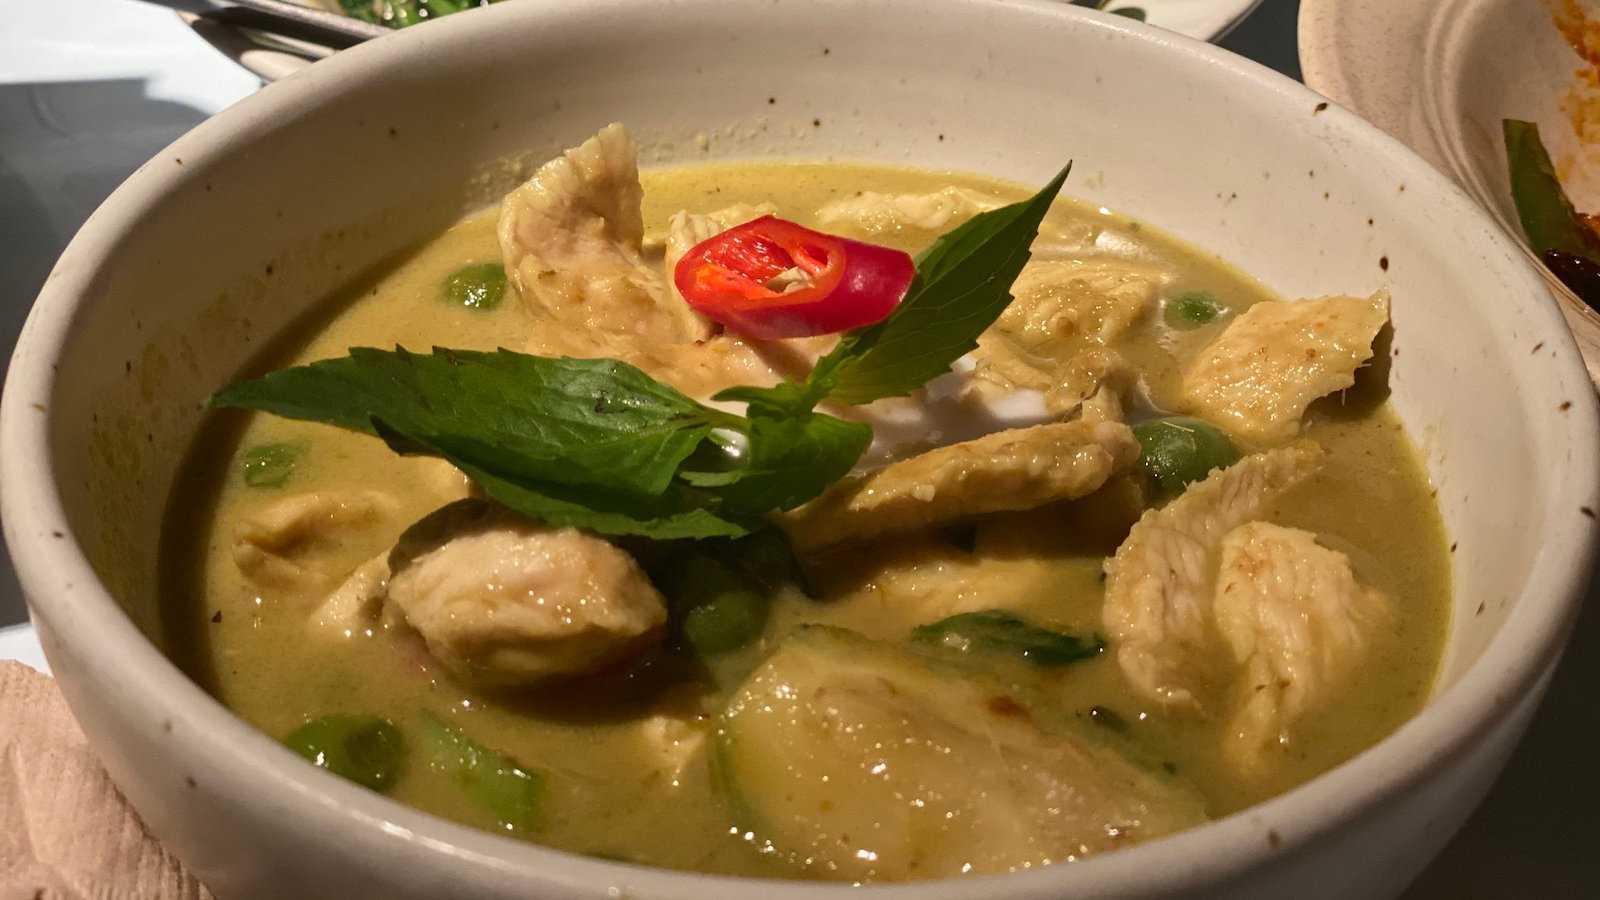 O curry verde tailandês pode ser bem picante, mas adoramos